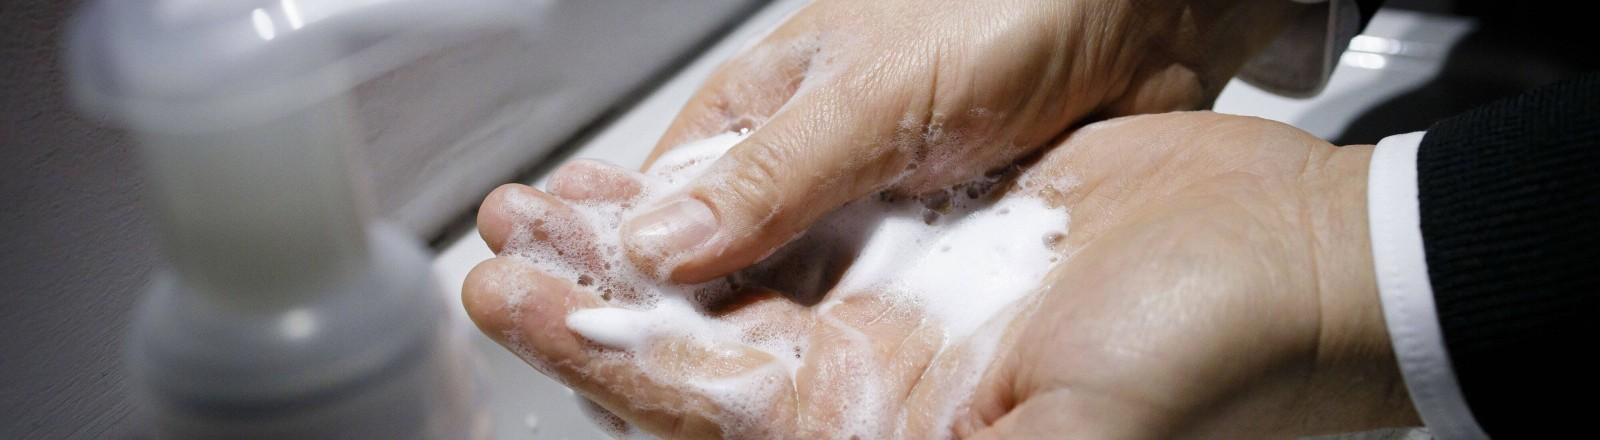 Hände werden im Waschbecken eingeseift